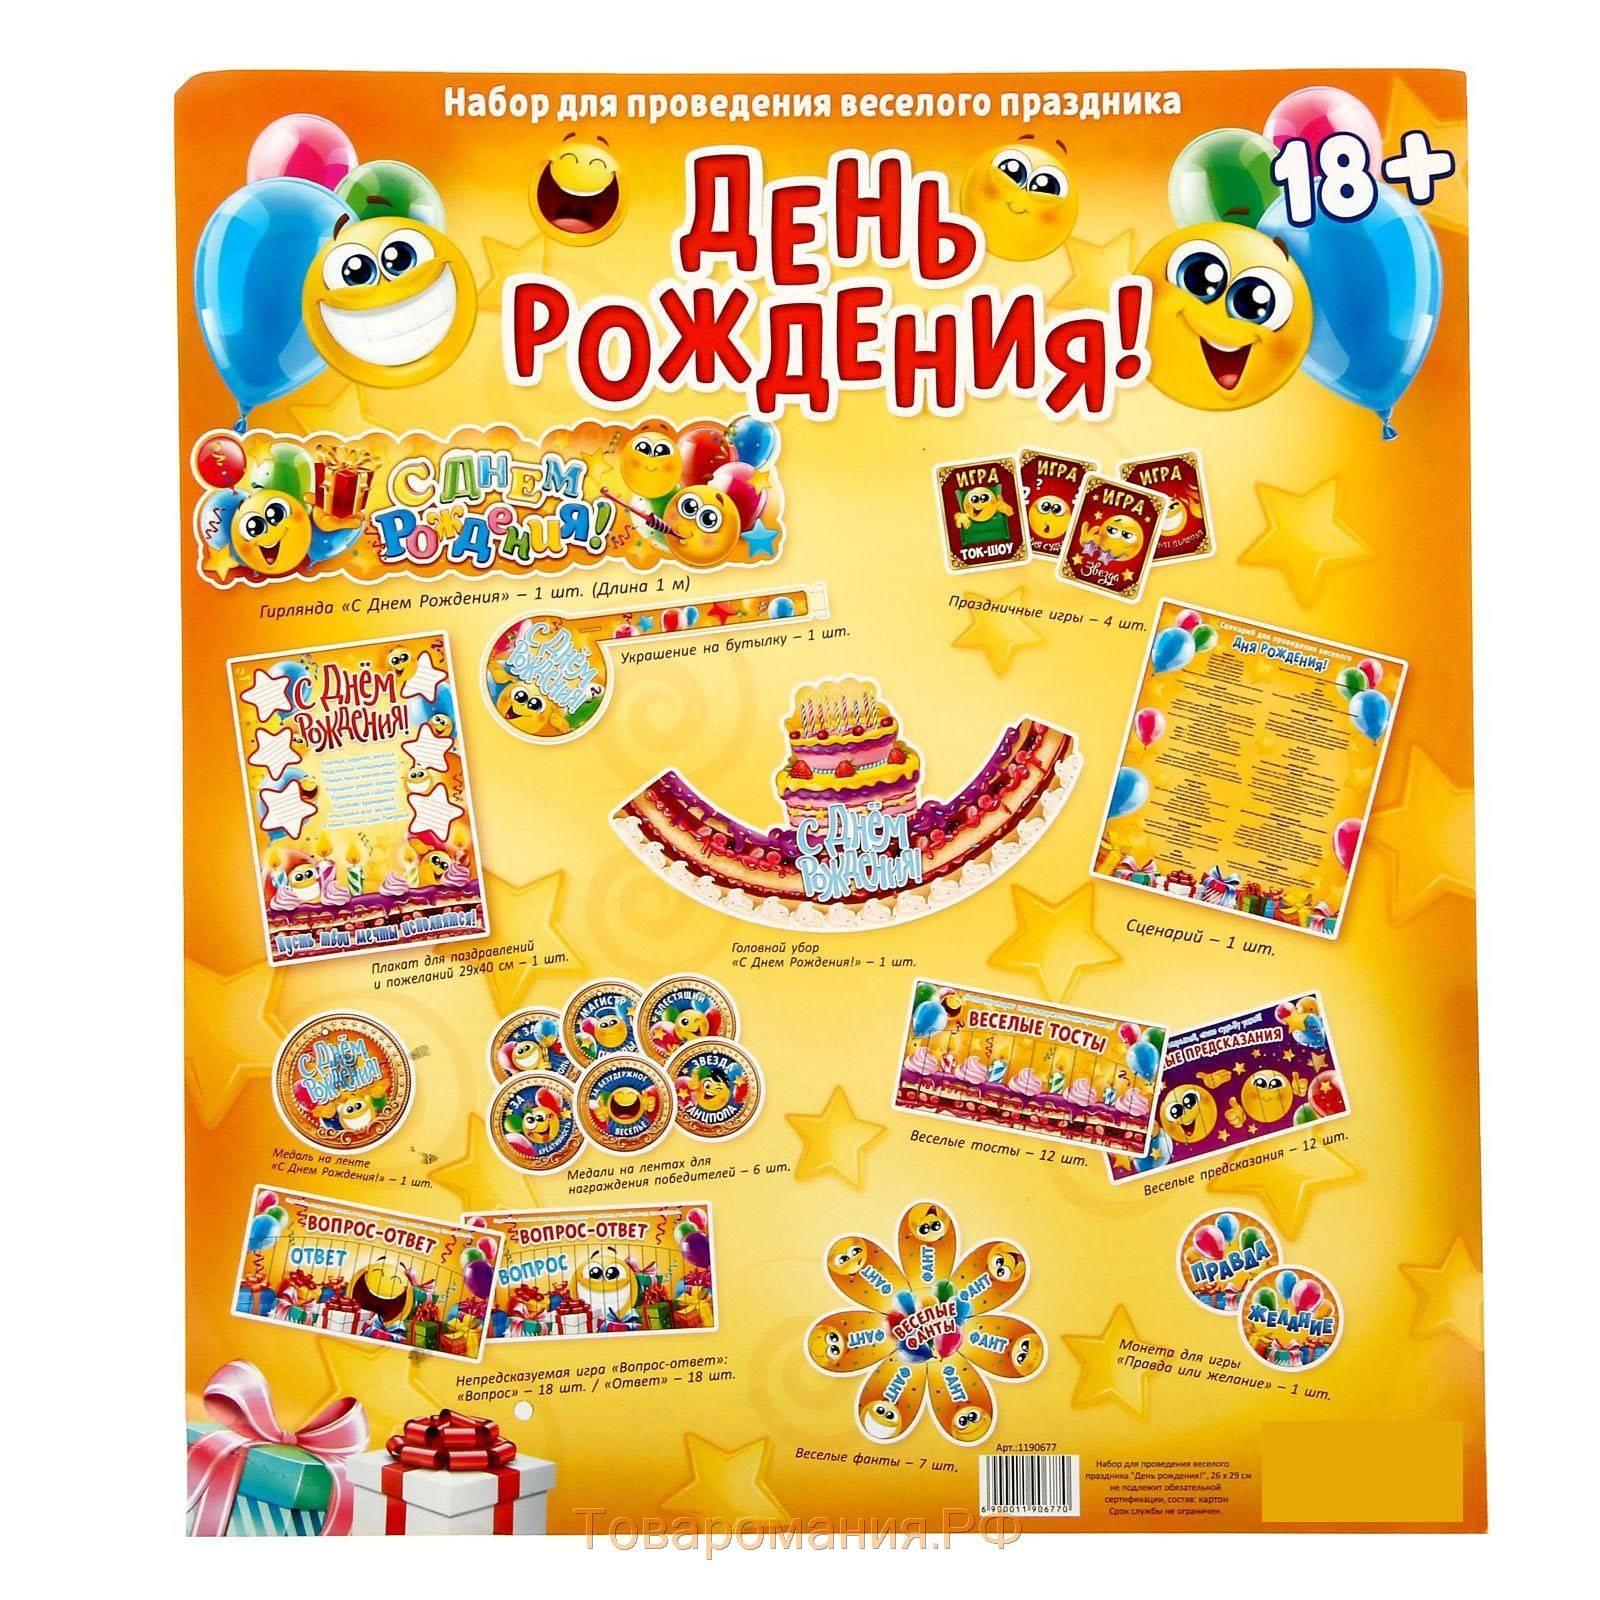 Пропавший день рождения. Сказочный сценарий праздника дня рождения детей в возрасте 6-9 лет